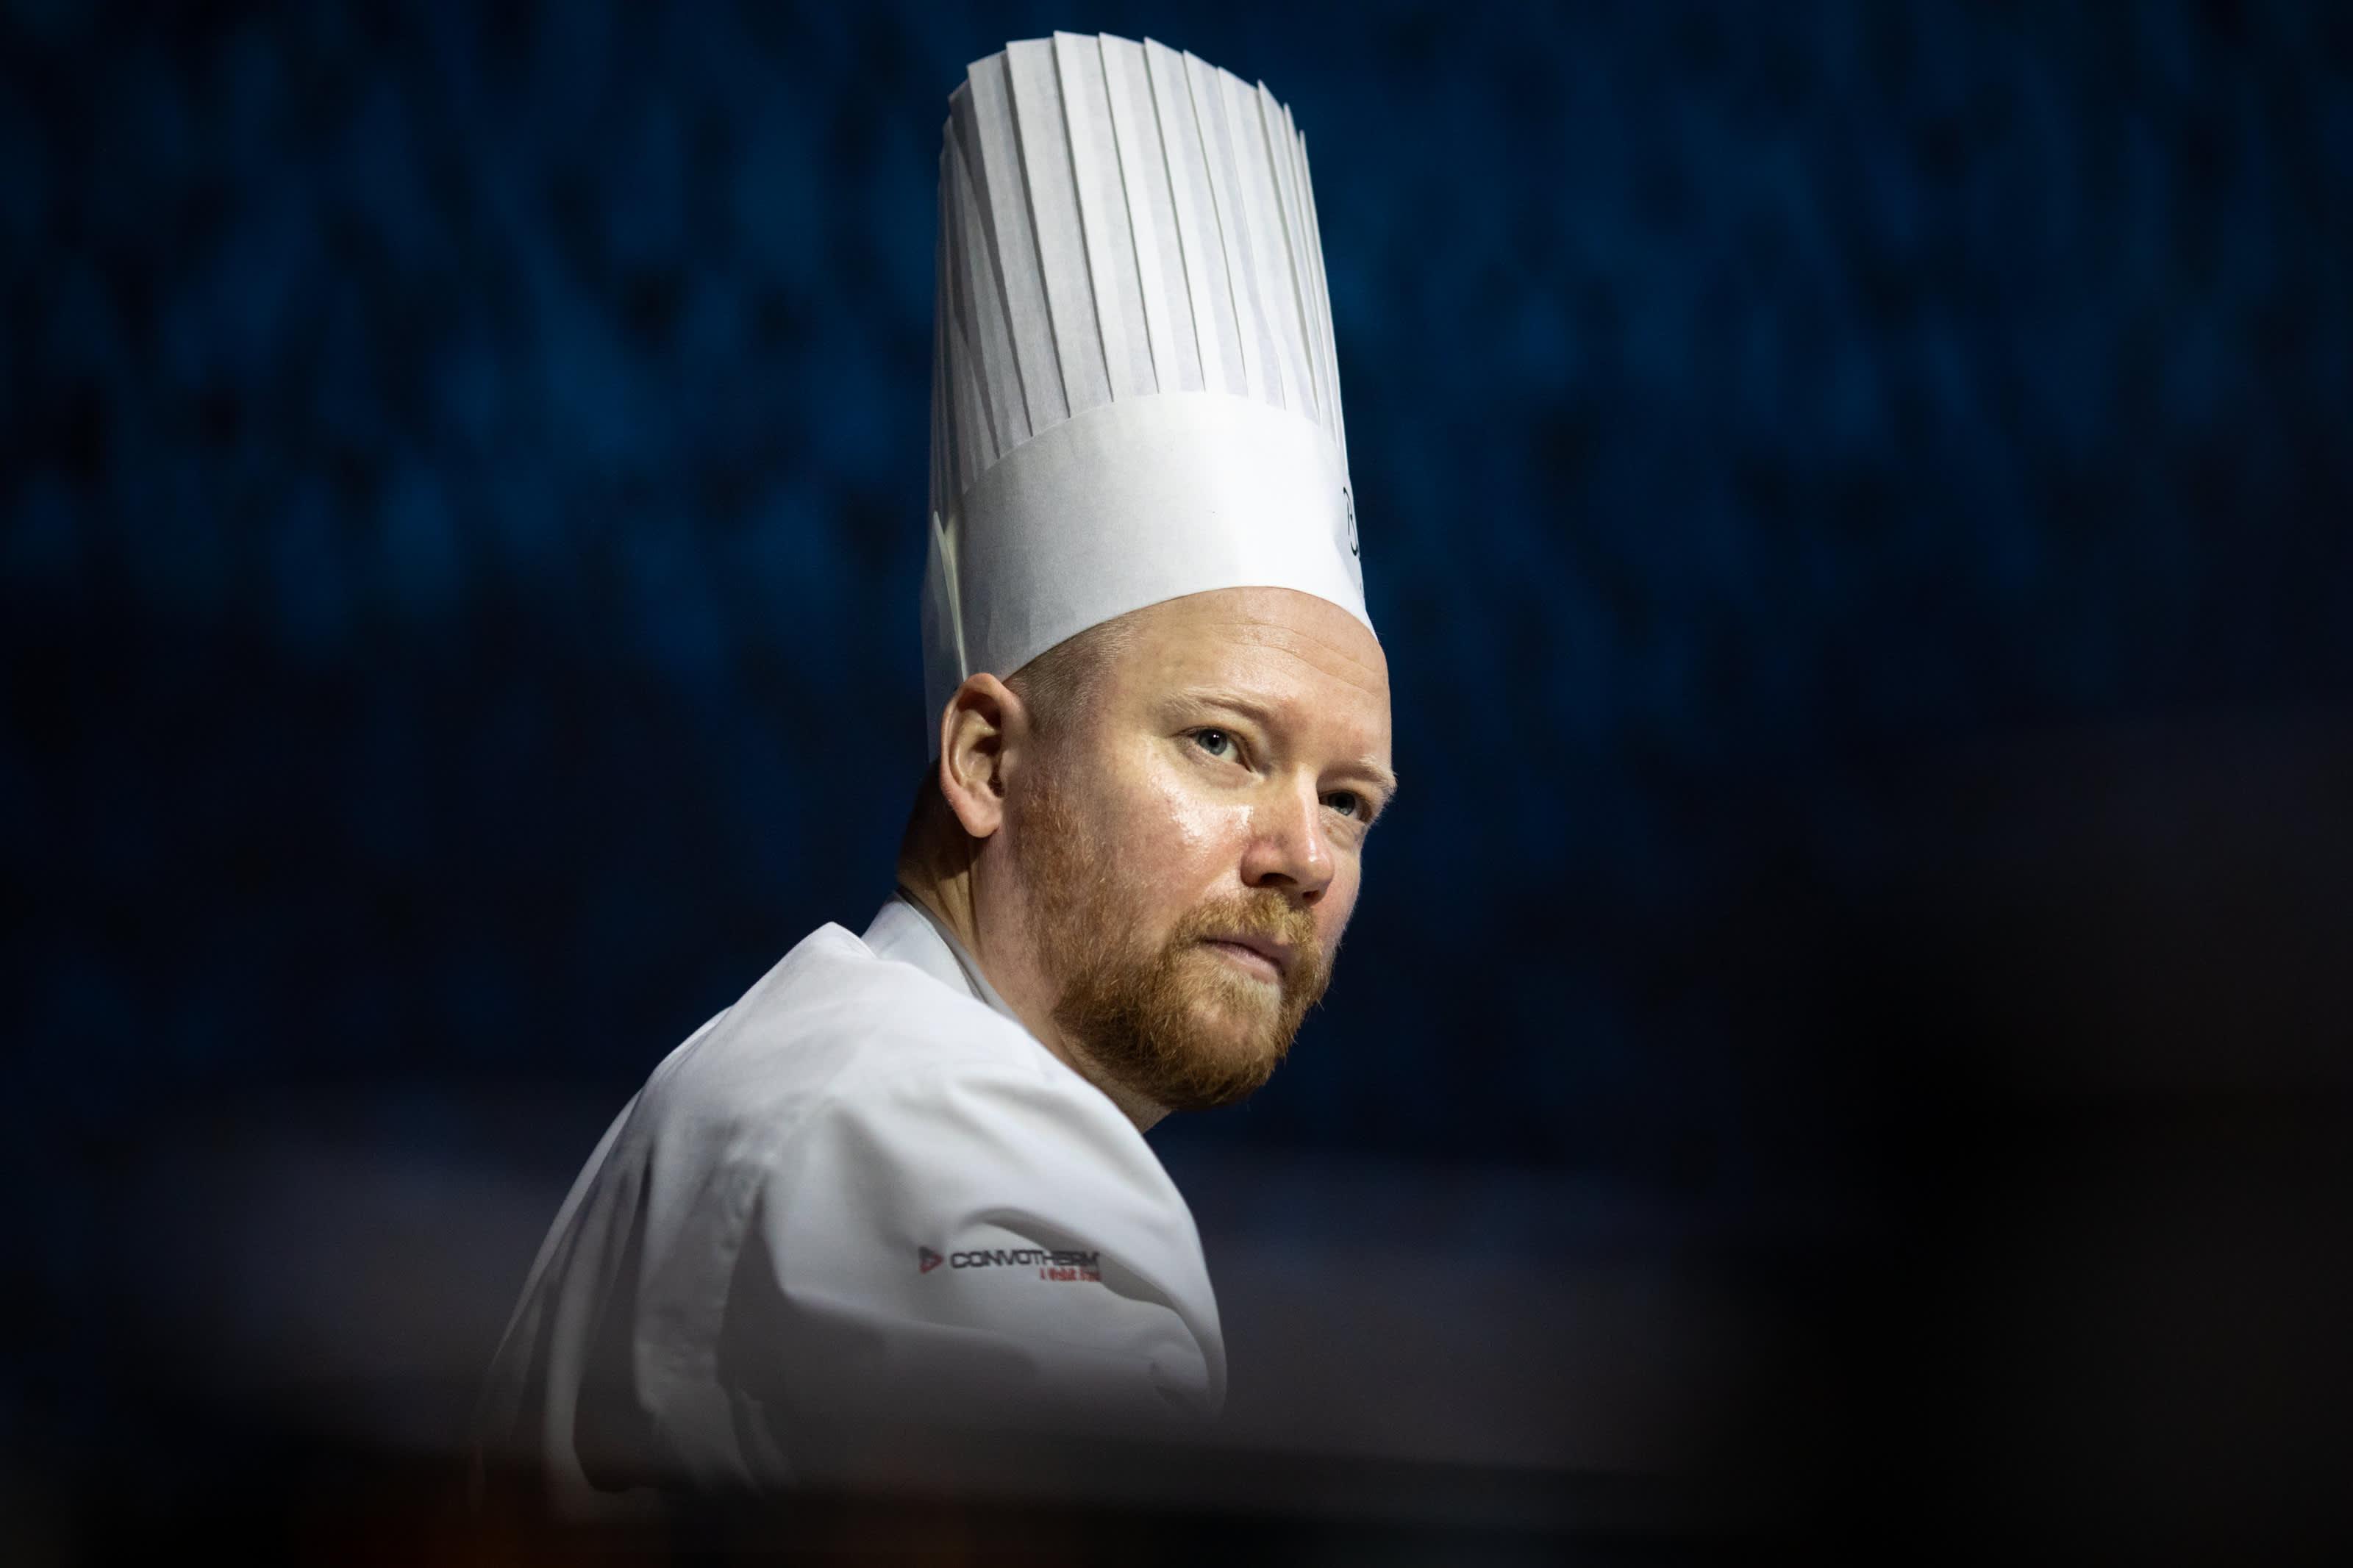 Suomea Bocuse d'Or -kisassa edustava Mikko Kaukonen on helsinkiläinen keittiömestari, joka on työskennellyt muun muassa Michelin-ravintola Olossa. Hänet valittiin viime vuonna Vuoden kokiksi.